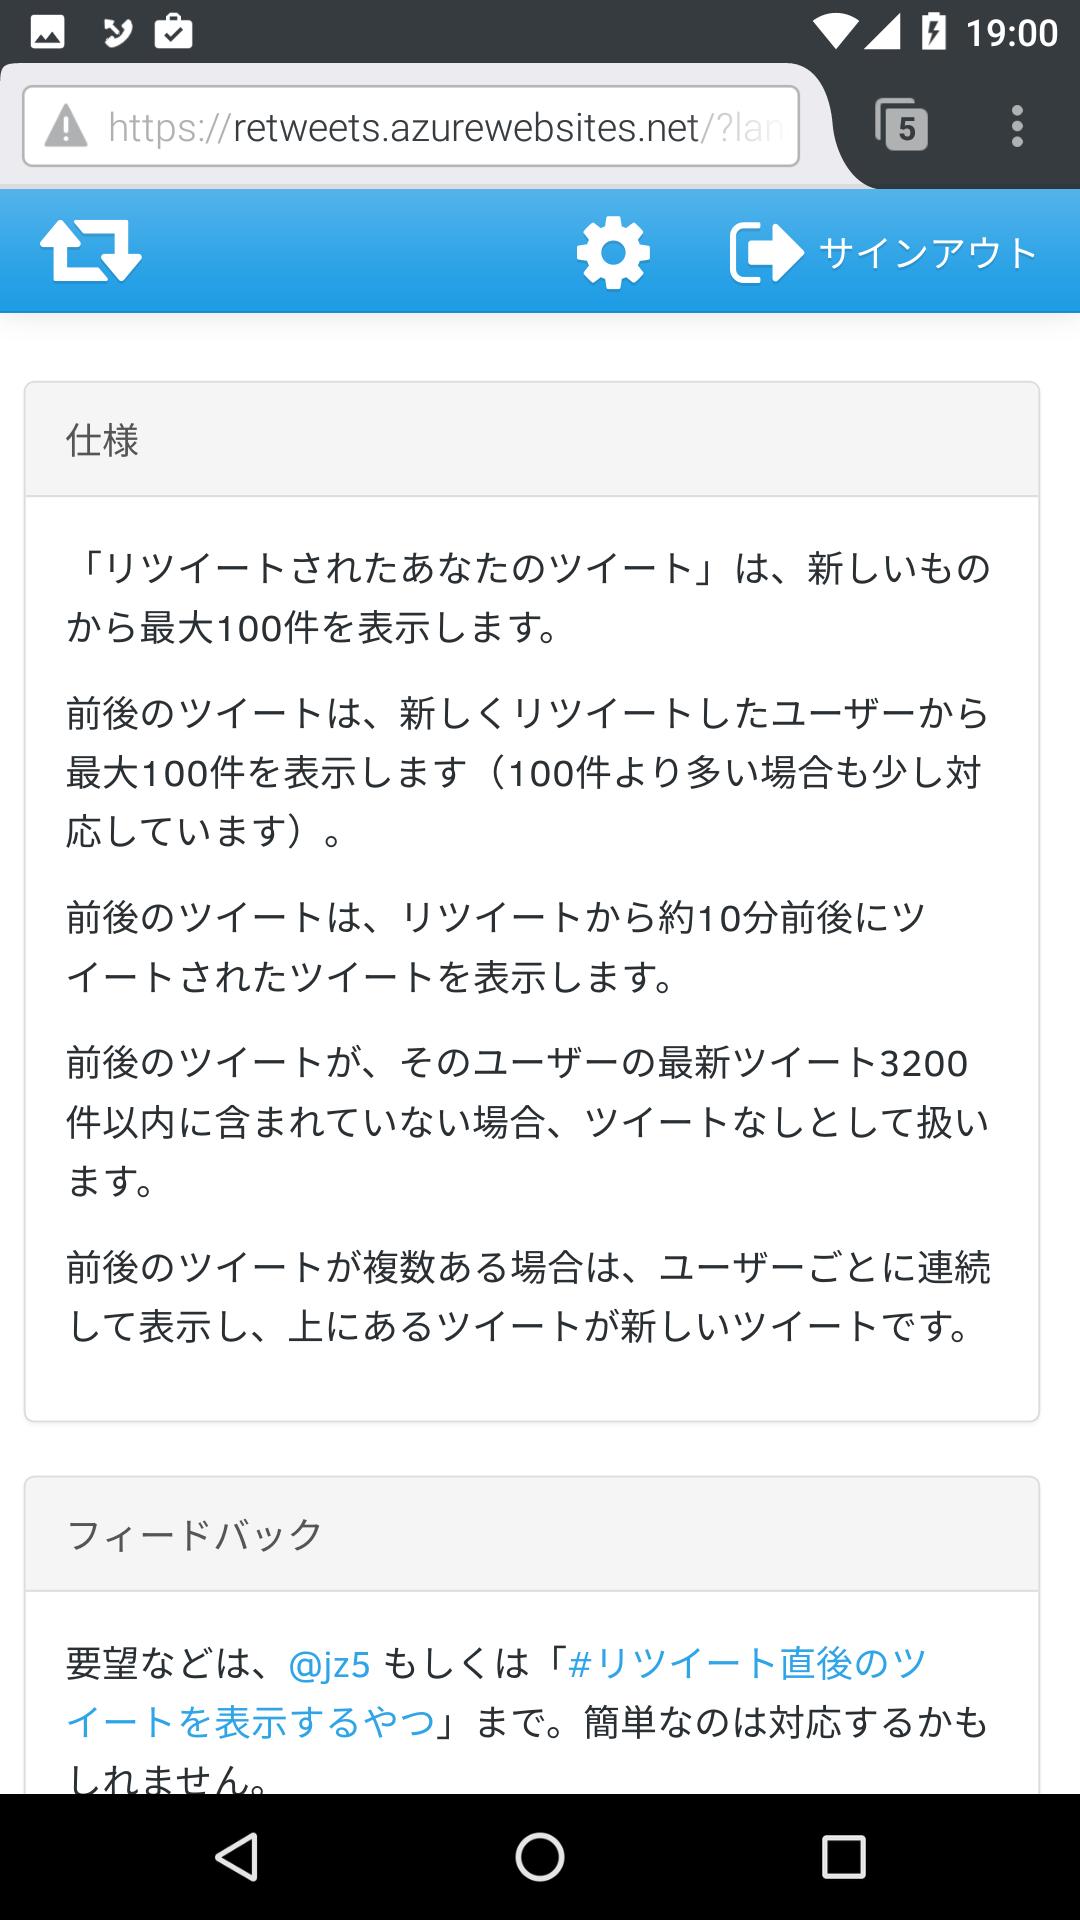 http://horliy.seri.gr.jp/mt/horliy-blog/Screenshot_20161112-190036.png